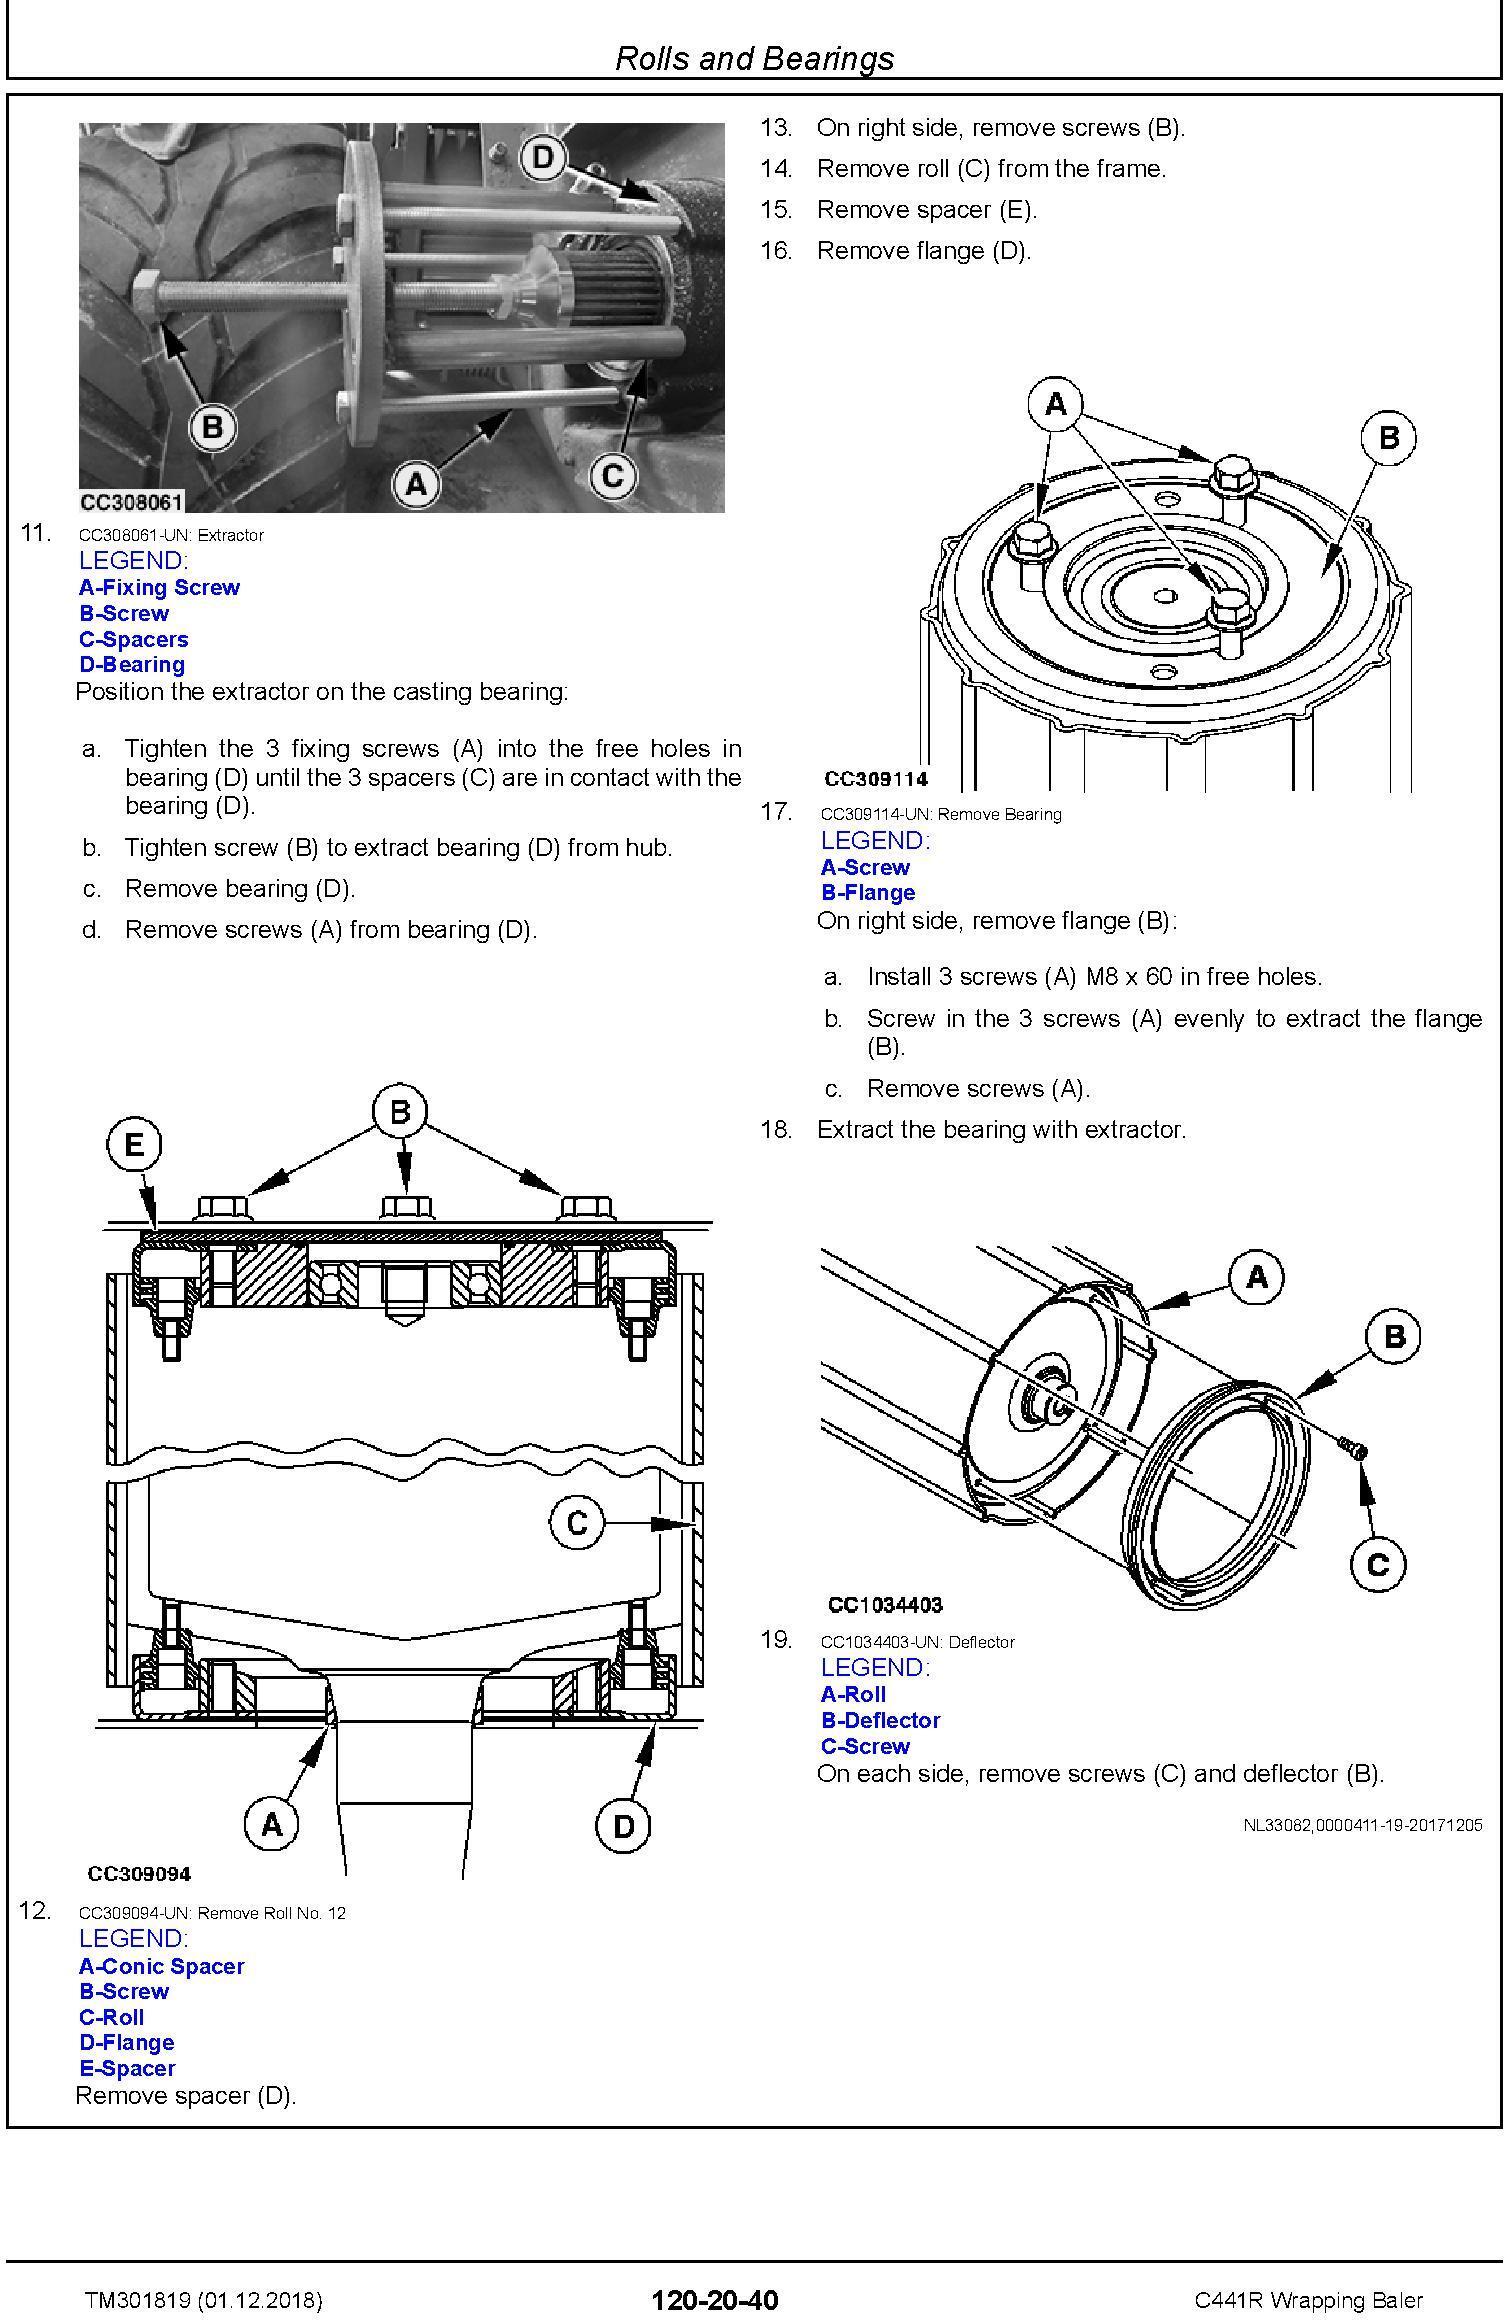 John Deere C441R Wrapping Baler Service Repair Technical Manual (TM301819) - 2